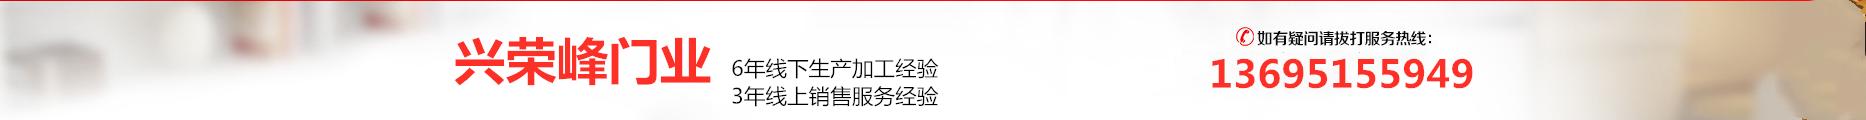 佛山市兴荣峰门业有限公司